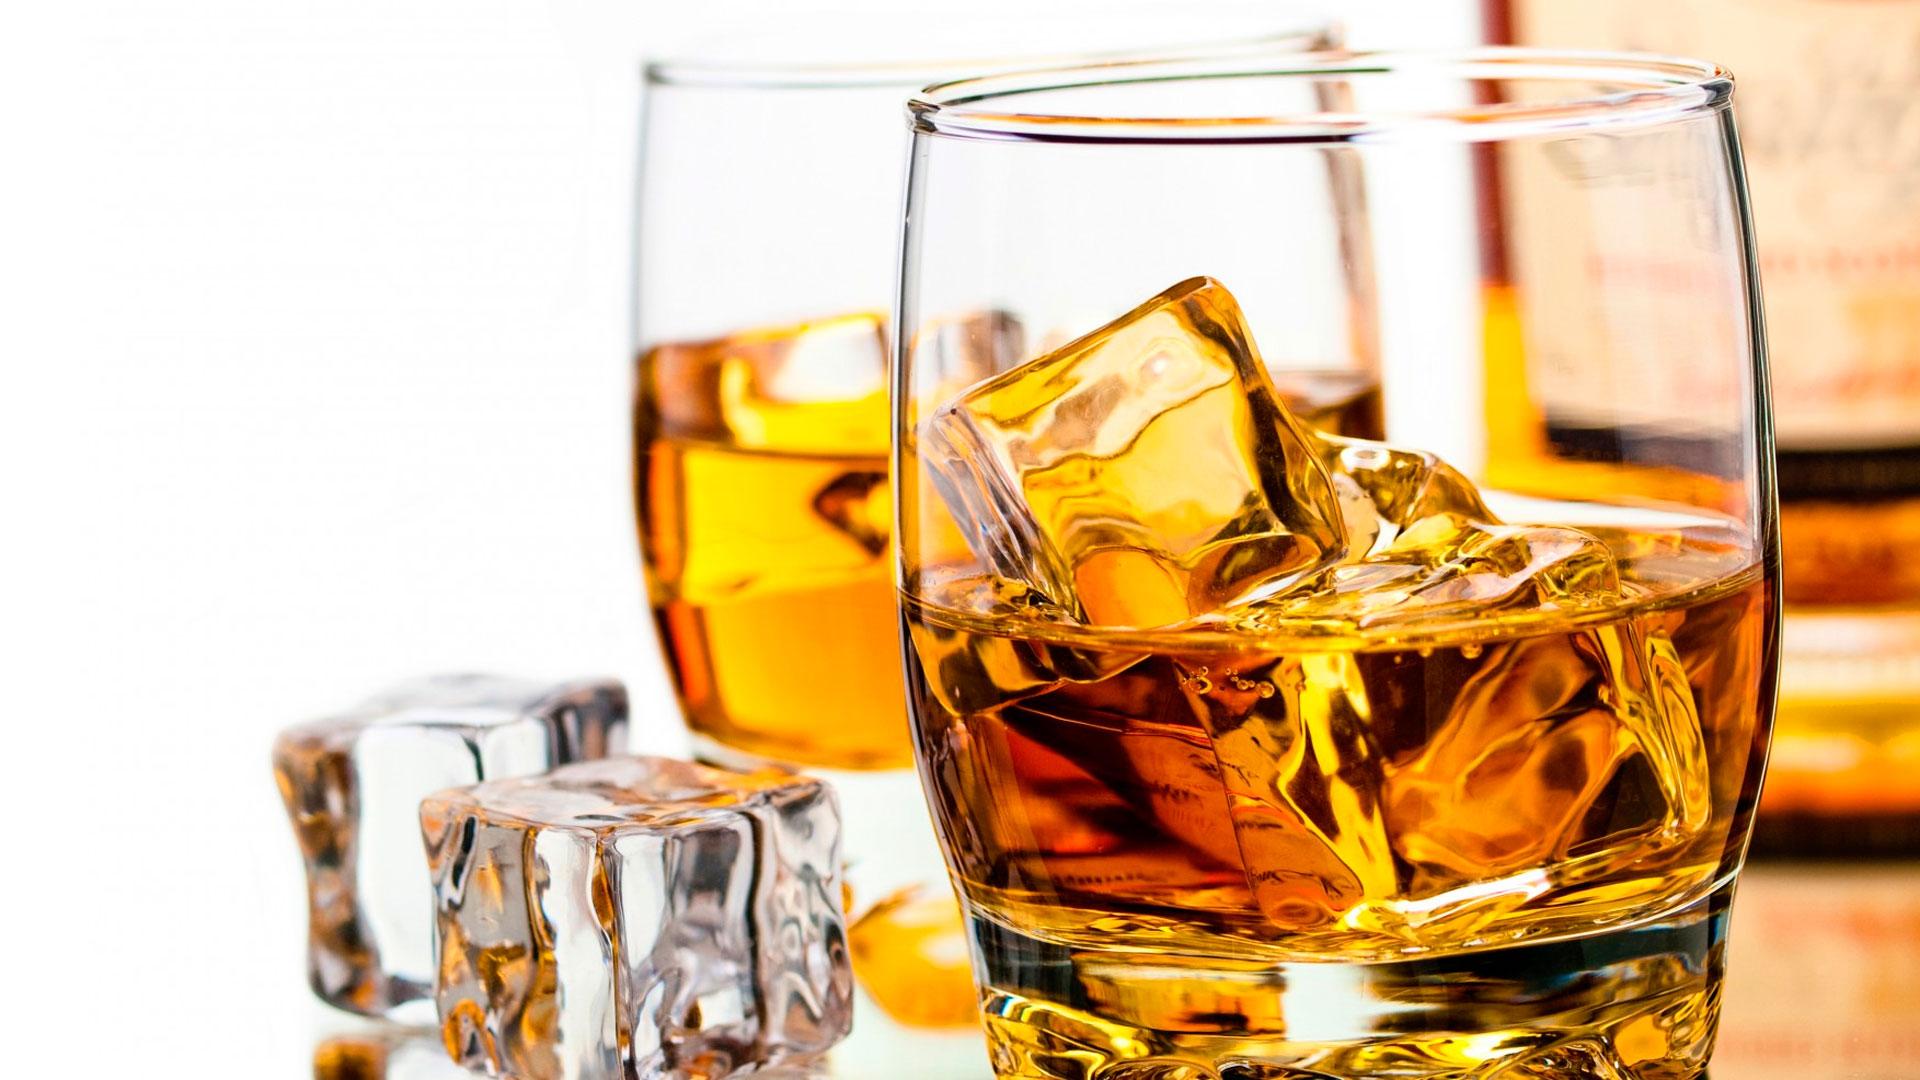 La gente que no toma alcohol muere más joven, dice estudio